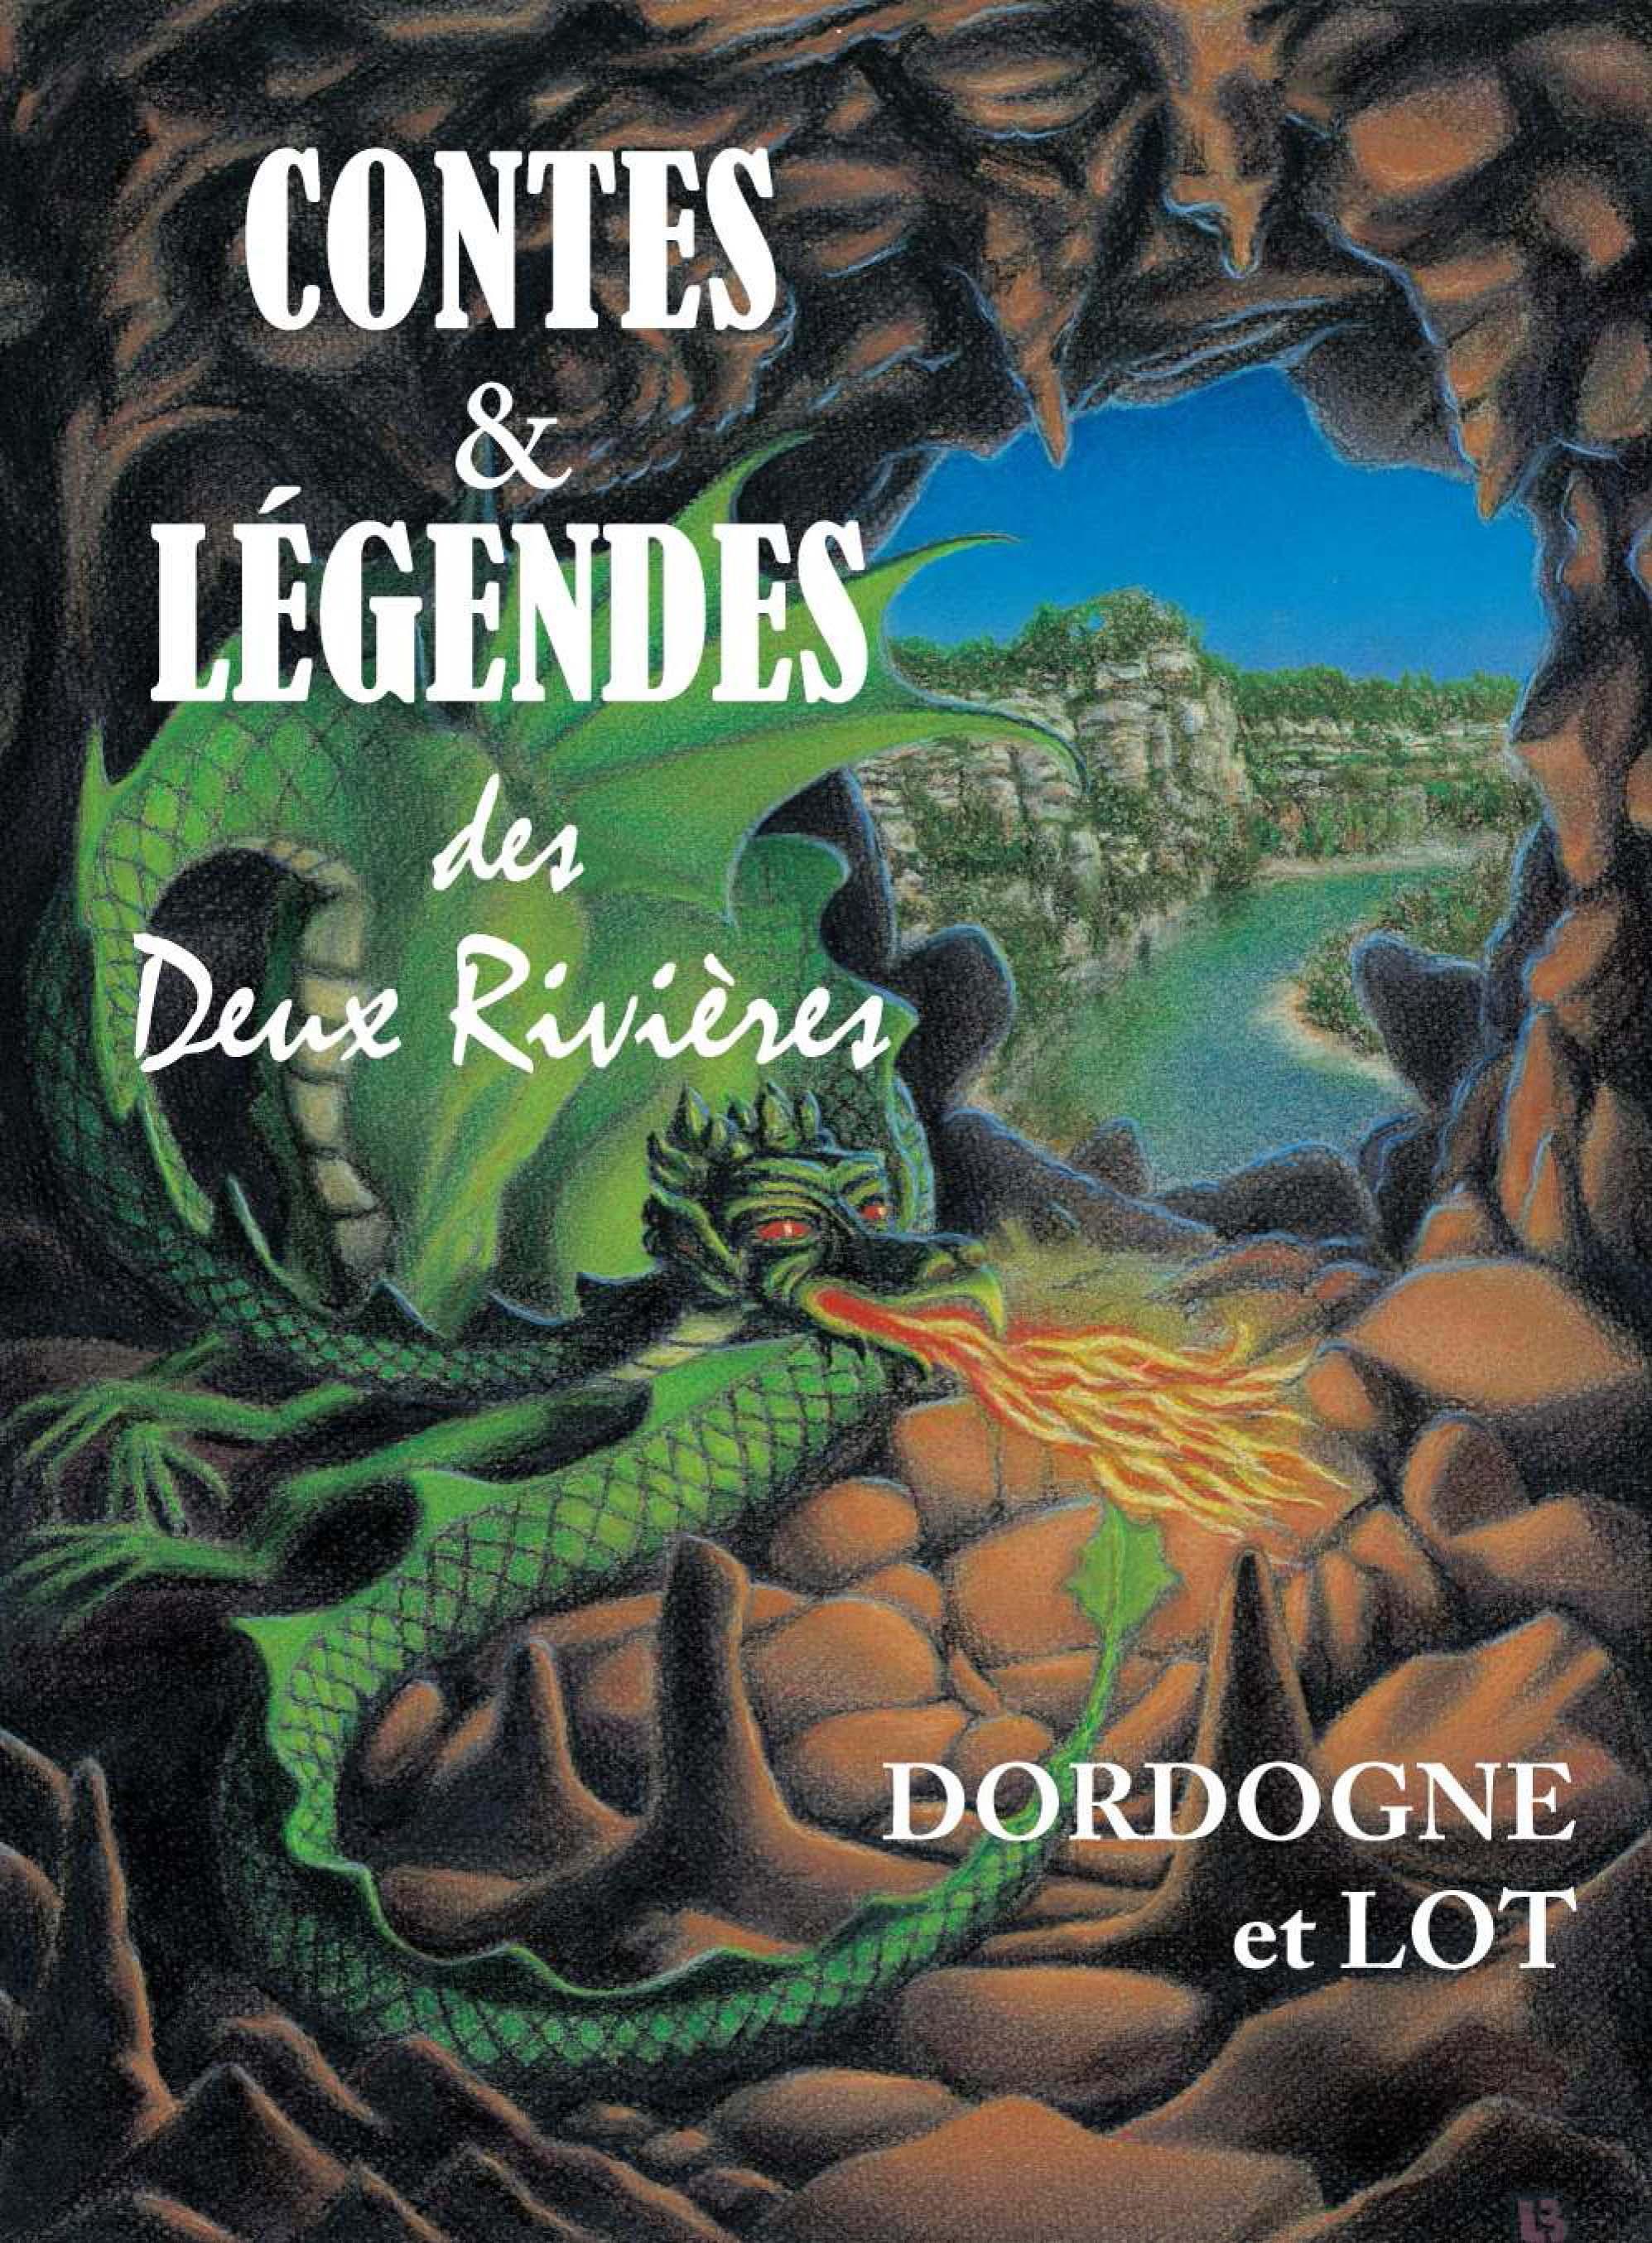 Contes et légendes des deux rivières, DORDOGNE ET LOT